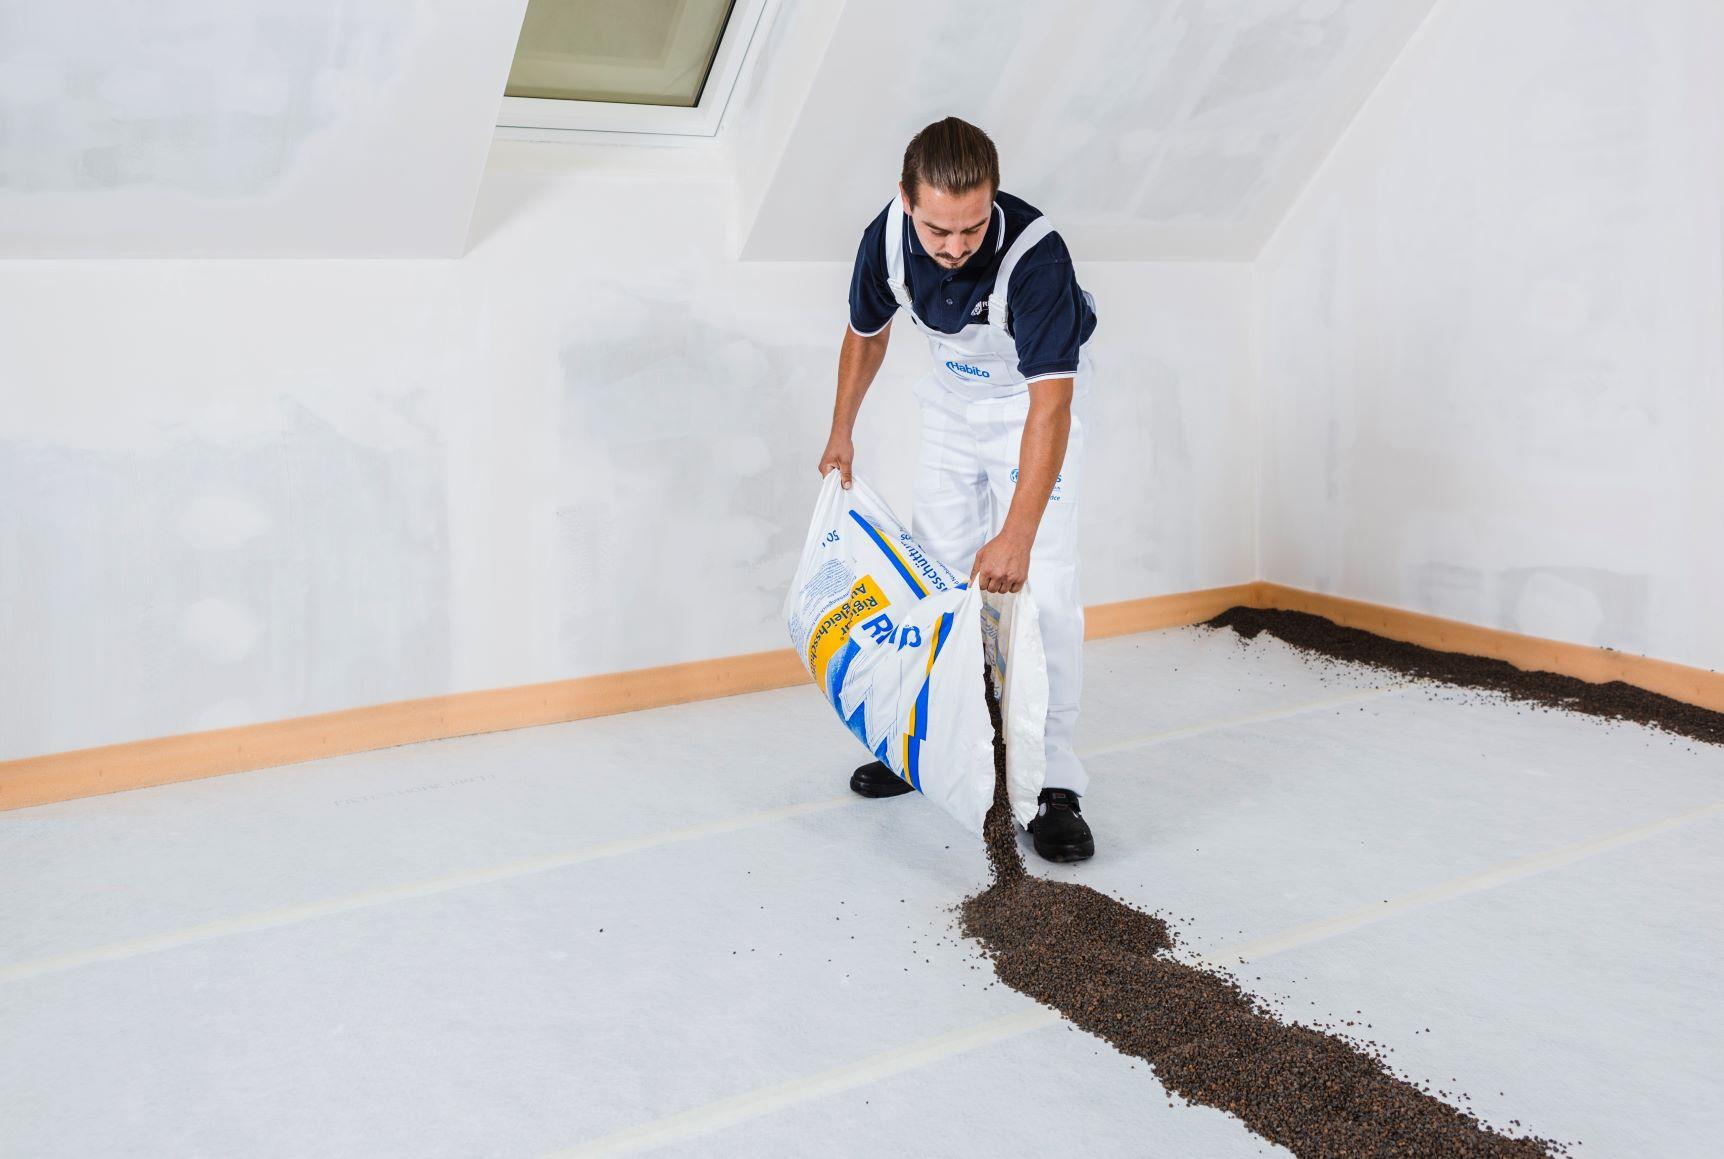 Jak si připravit povrch před pokládkou suché podlahy?